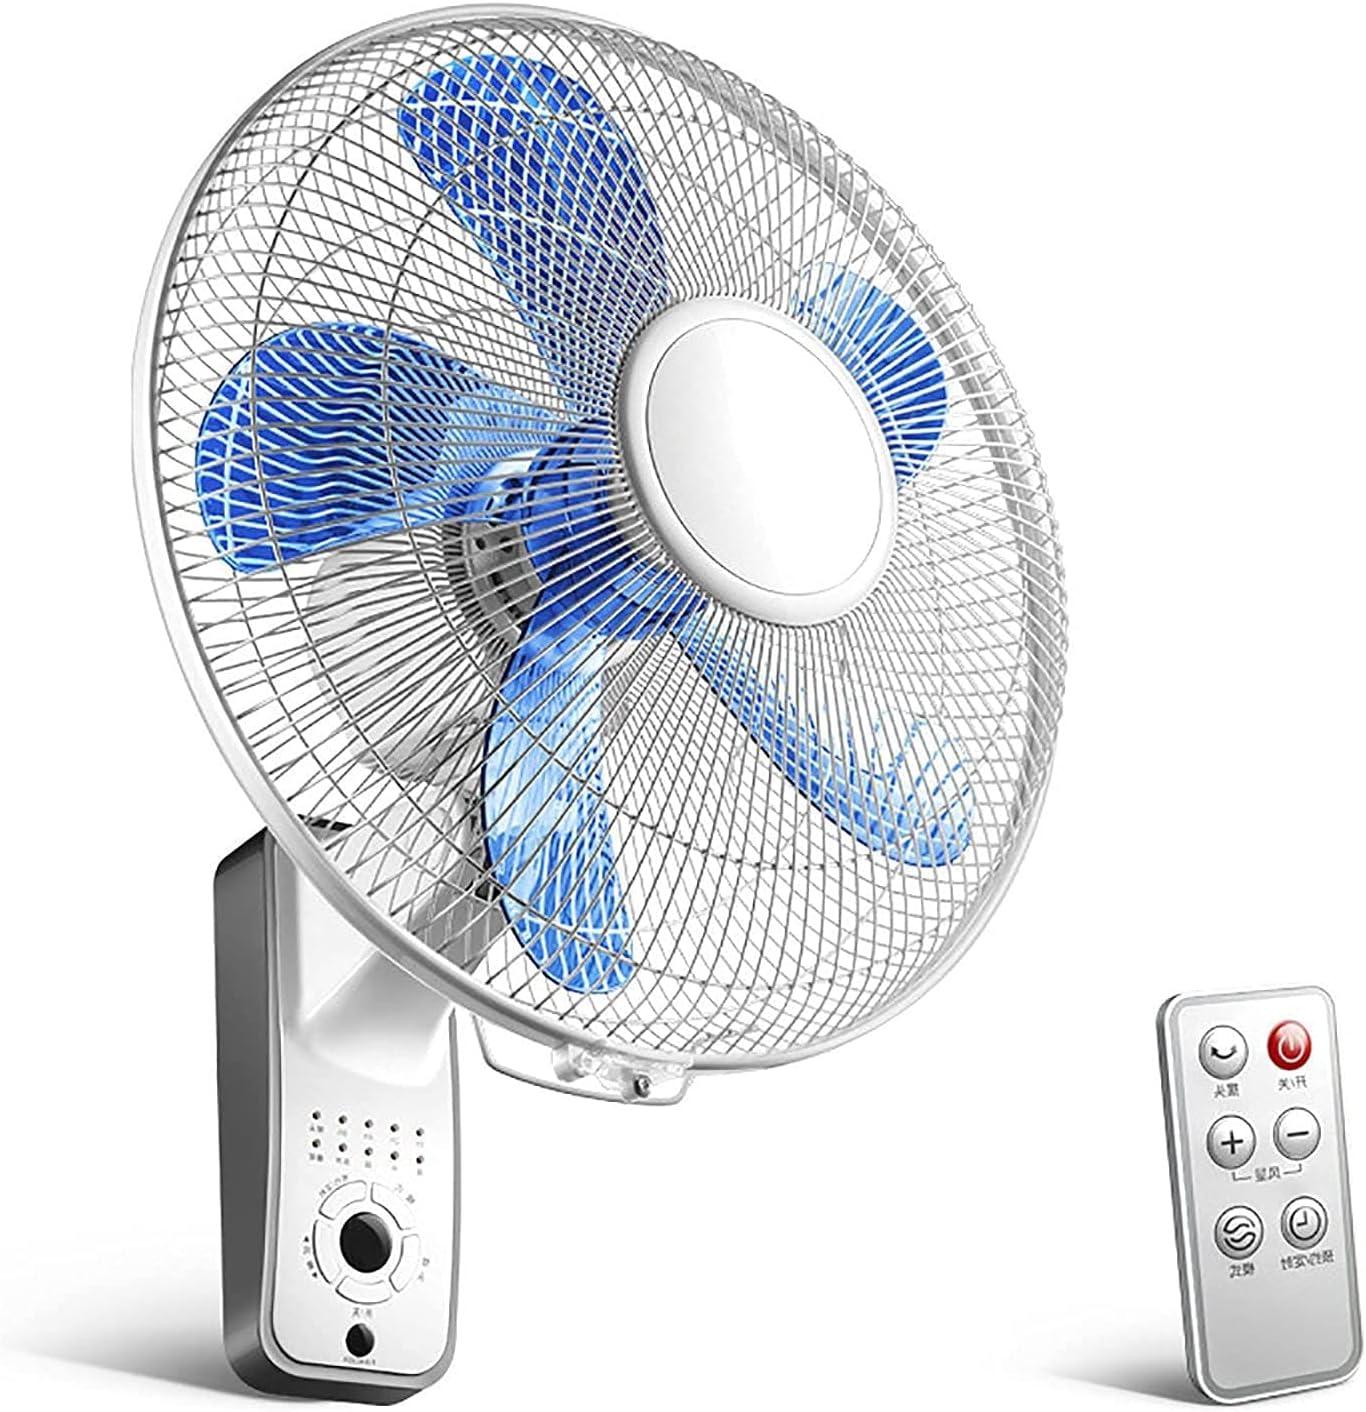 HTDHS Montaje de la Pared Monte FAN-3-SPEED Ajustable Ajuste Control Ventilador Silent fanáticos eléctricos Azules y de Oficina